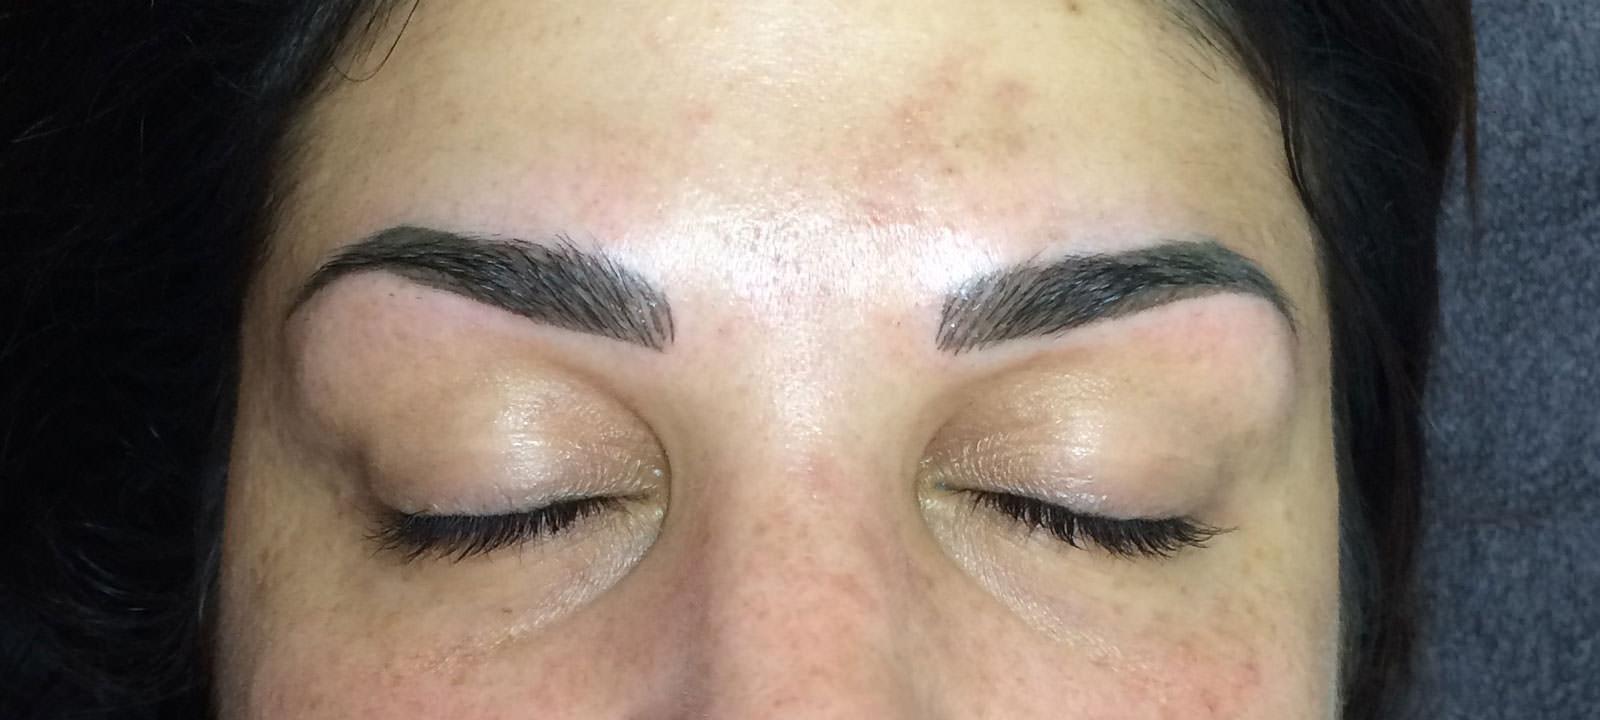 mauillage-permanent-sourcils-apres